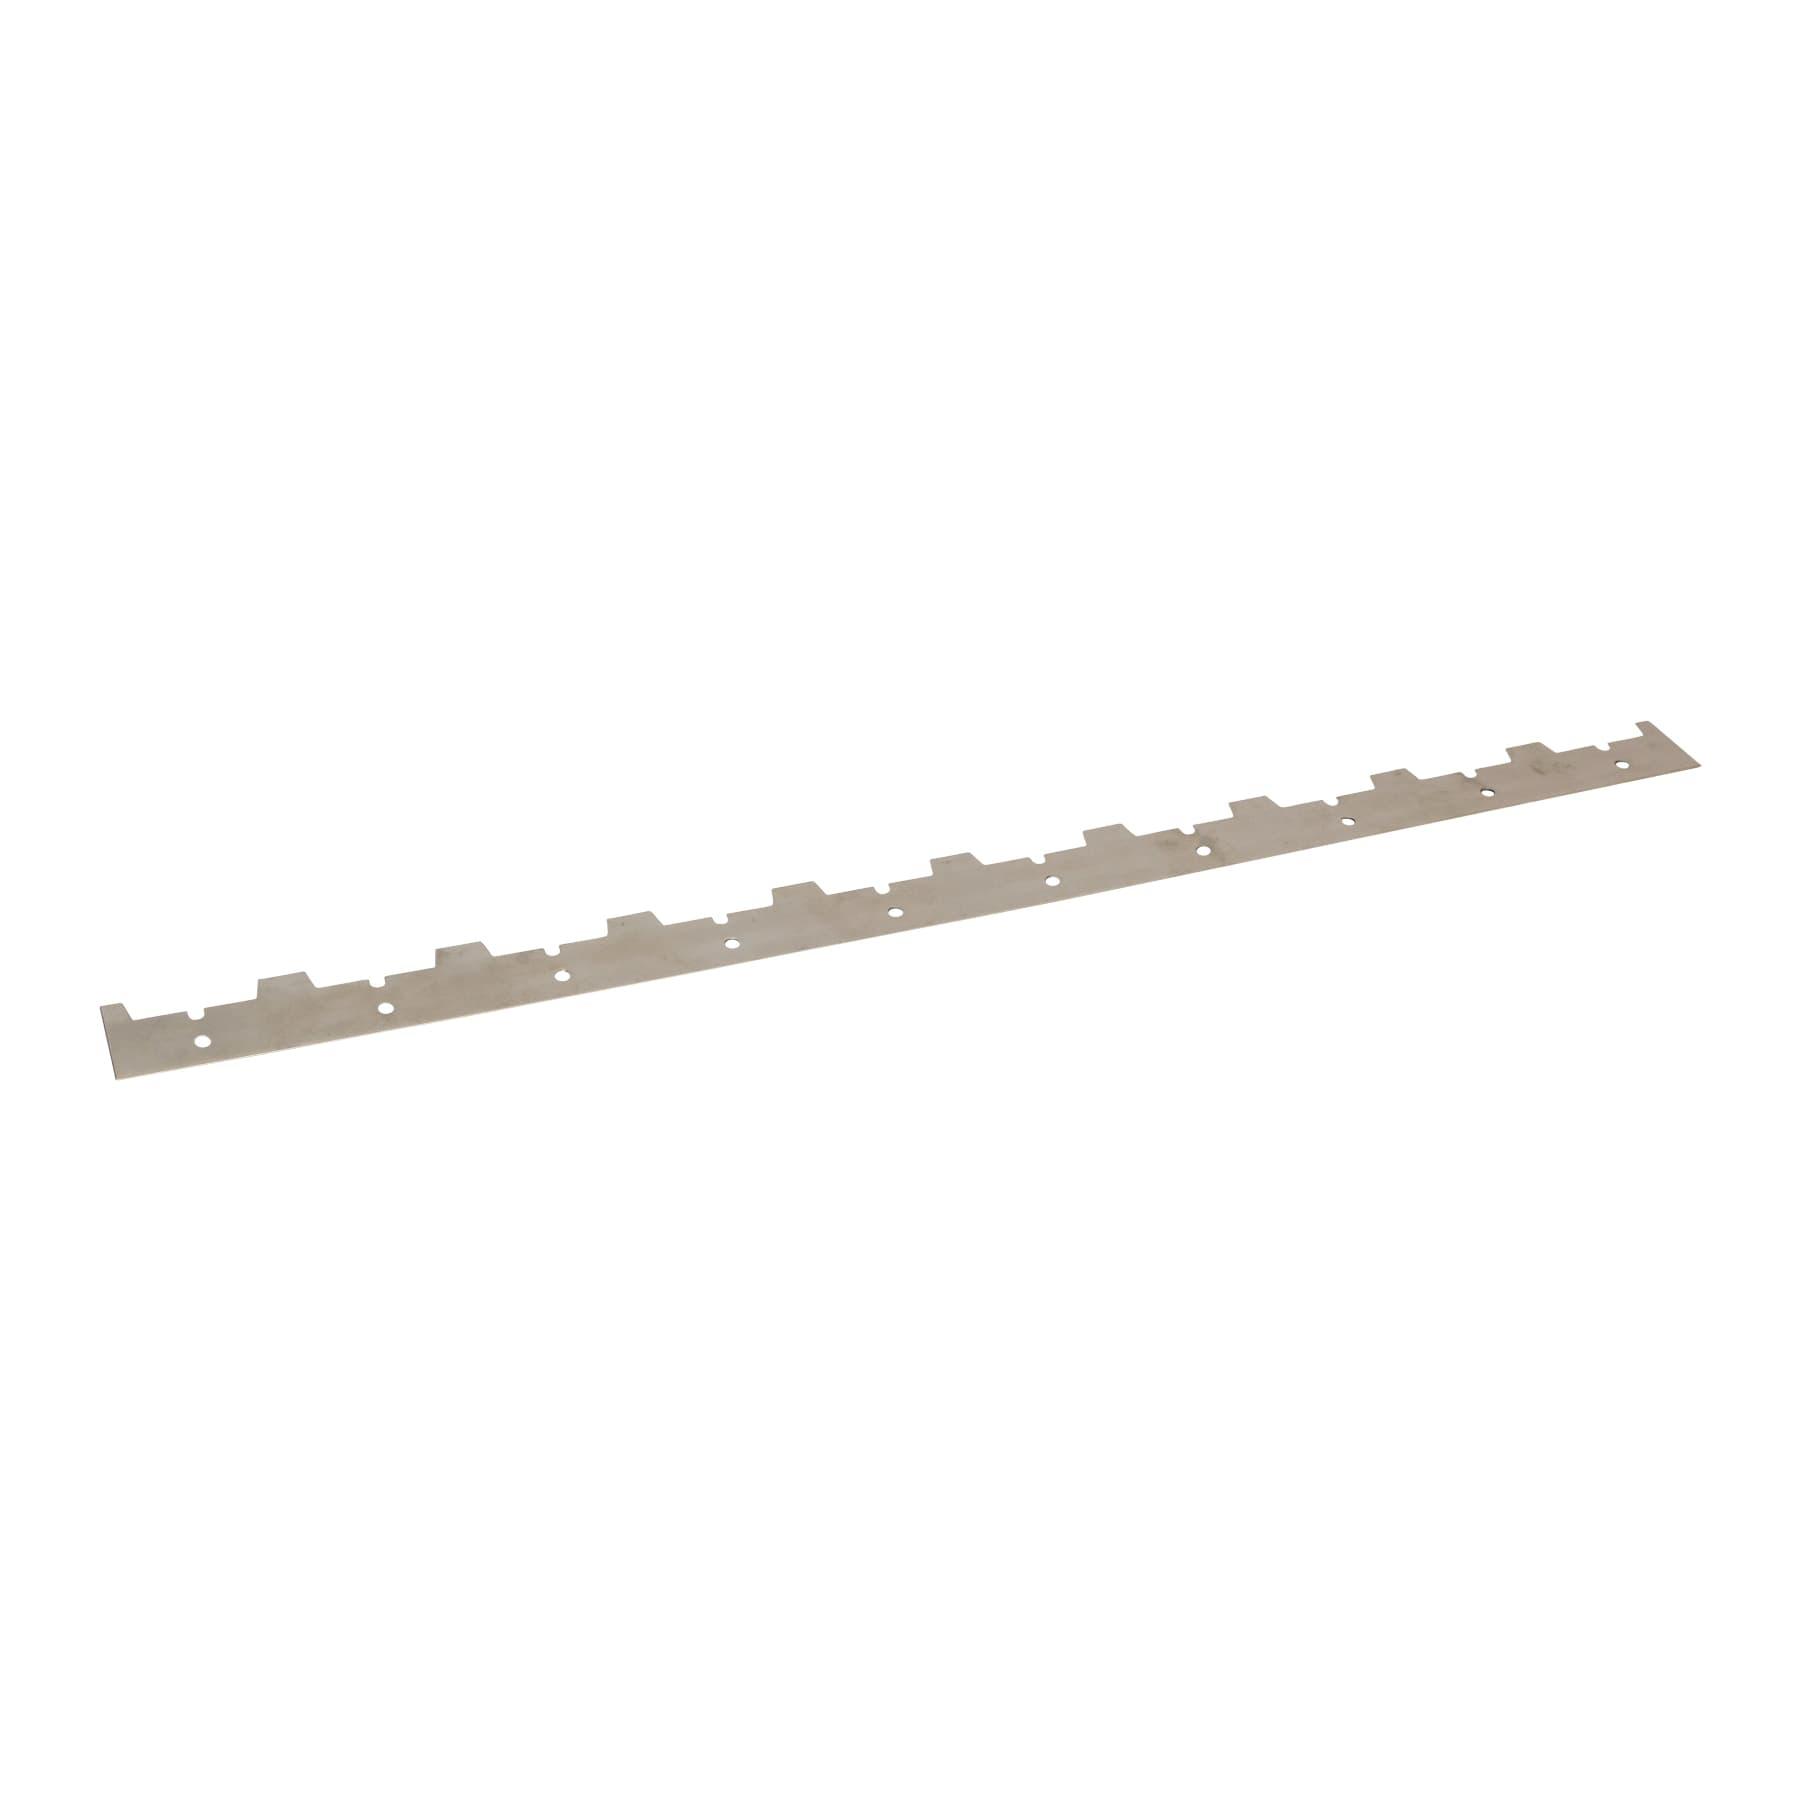 Abstandsrechen / Edelstahlleiste 410 mm  für Simplex Segeberger Zarge 410 mm für 11 Rähmchen 22 mm